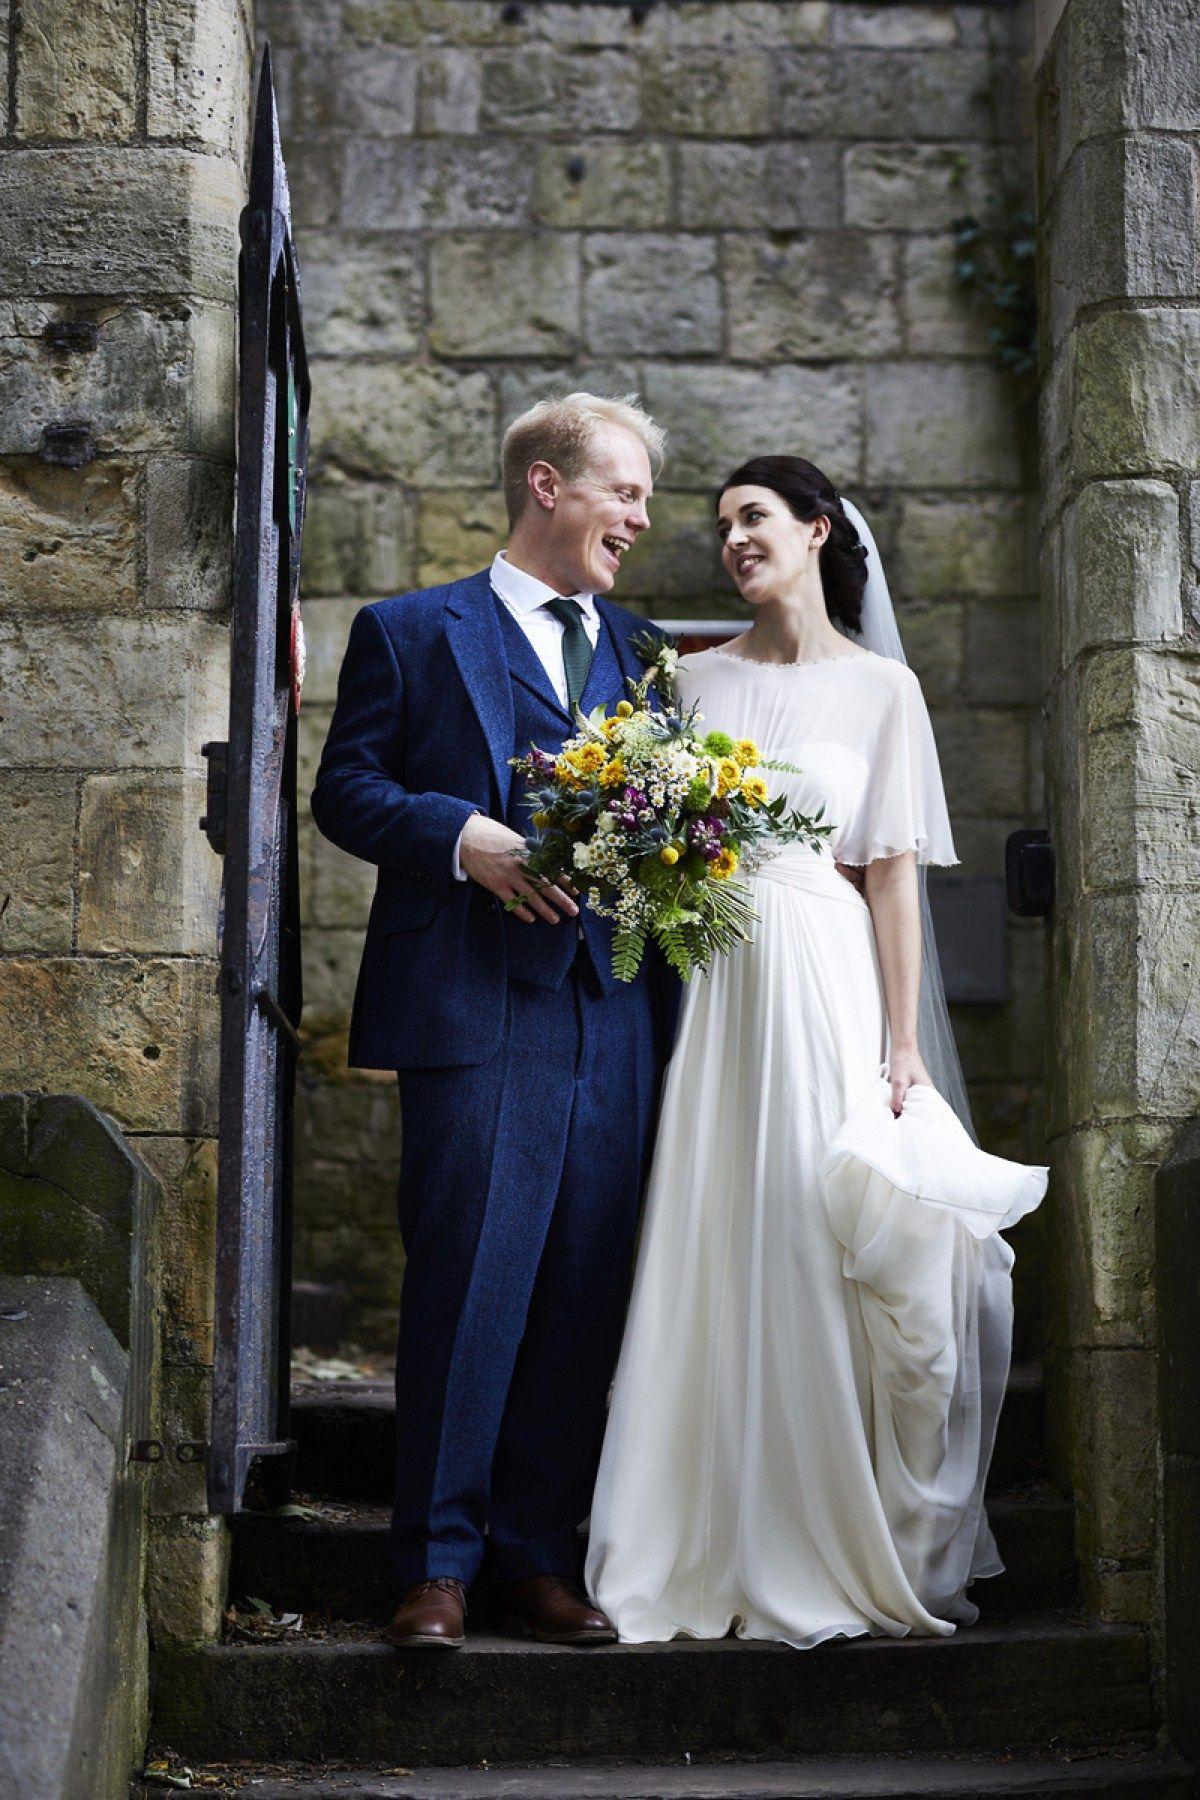 Woodland wedding dress  Jenny Packhamus uBettyu for a colourful and flower filled Yorkshire